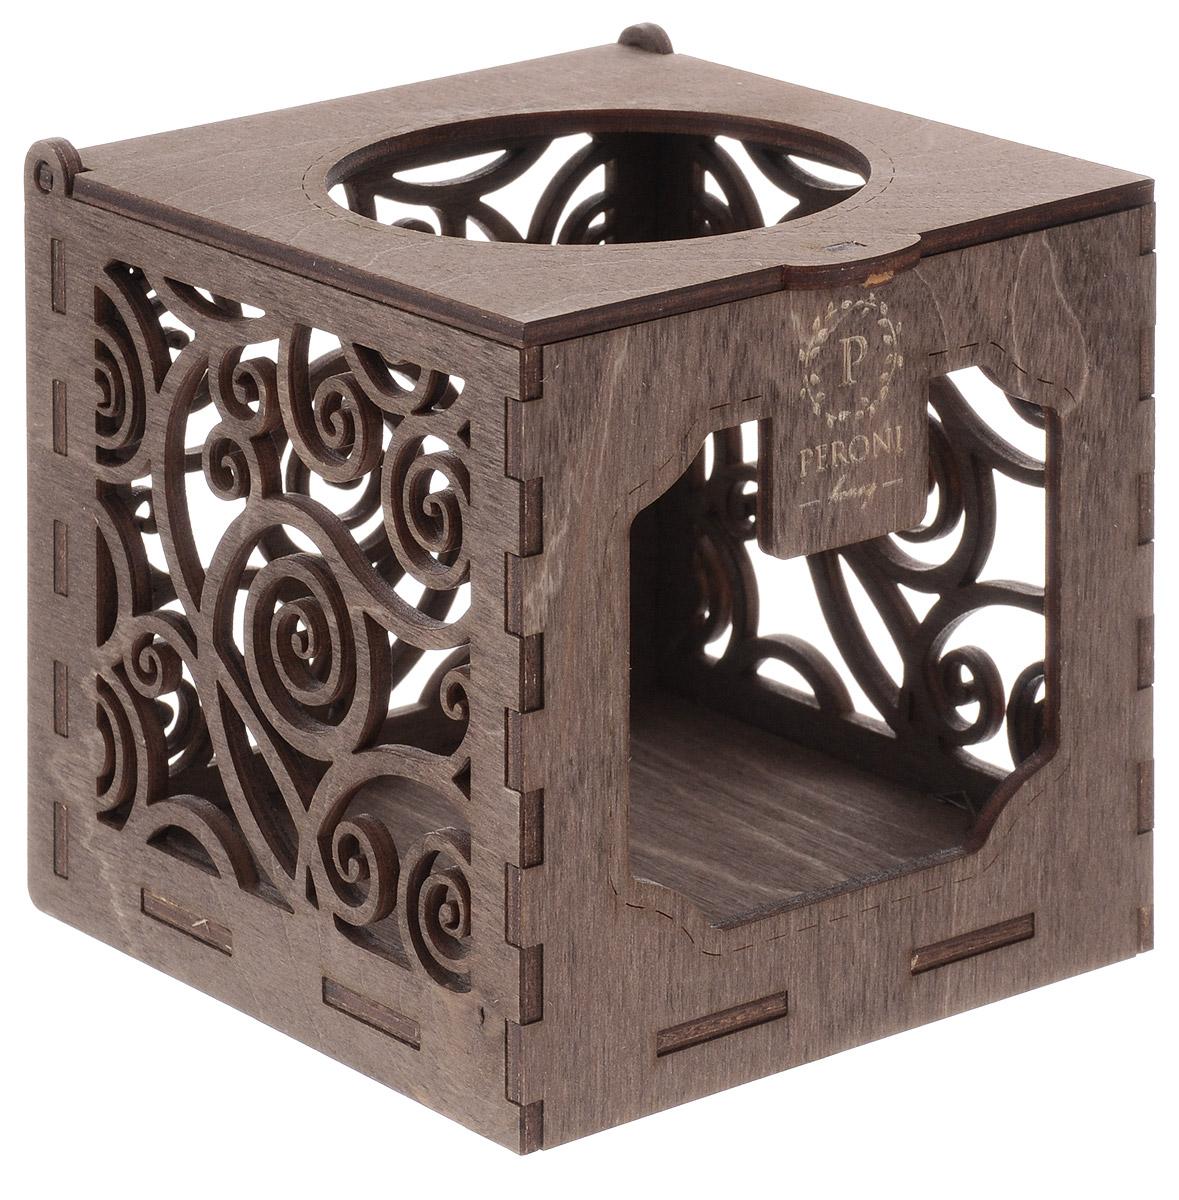 Peroni Коробка-подсвечник деревянная подарочная для меда, 250 мл4627093812318Идеальное завершение подарочной композиции. Когда мед закончится, коробку можно будет использовать в качестве подсвечника для чайной свечи, свет которой, проходя сквозь резные стенки, наполнит комнату причудливыми бликами. Сувенирная коробка рассчитана на банку меда-суфле Peroni объемом 250 мл. 10,5 х 10,5 х 10,5 см.